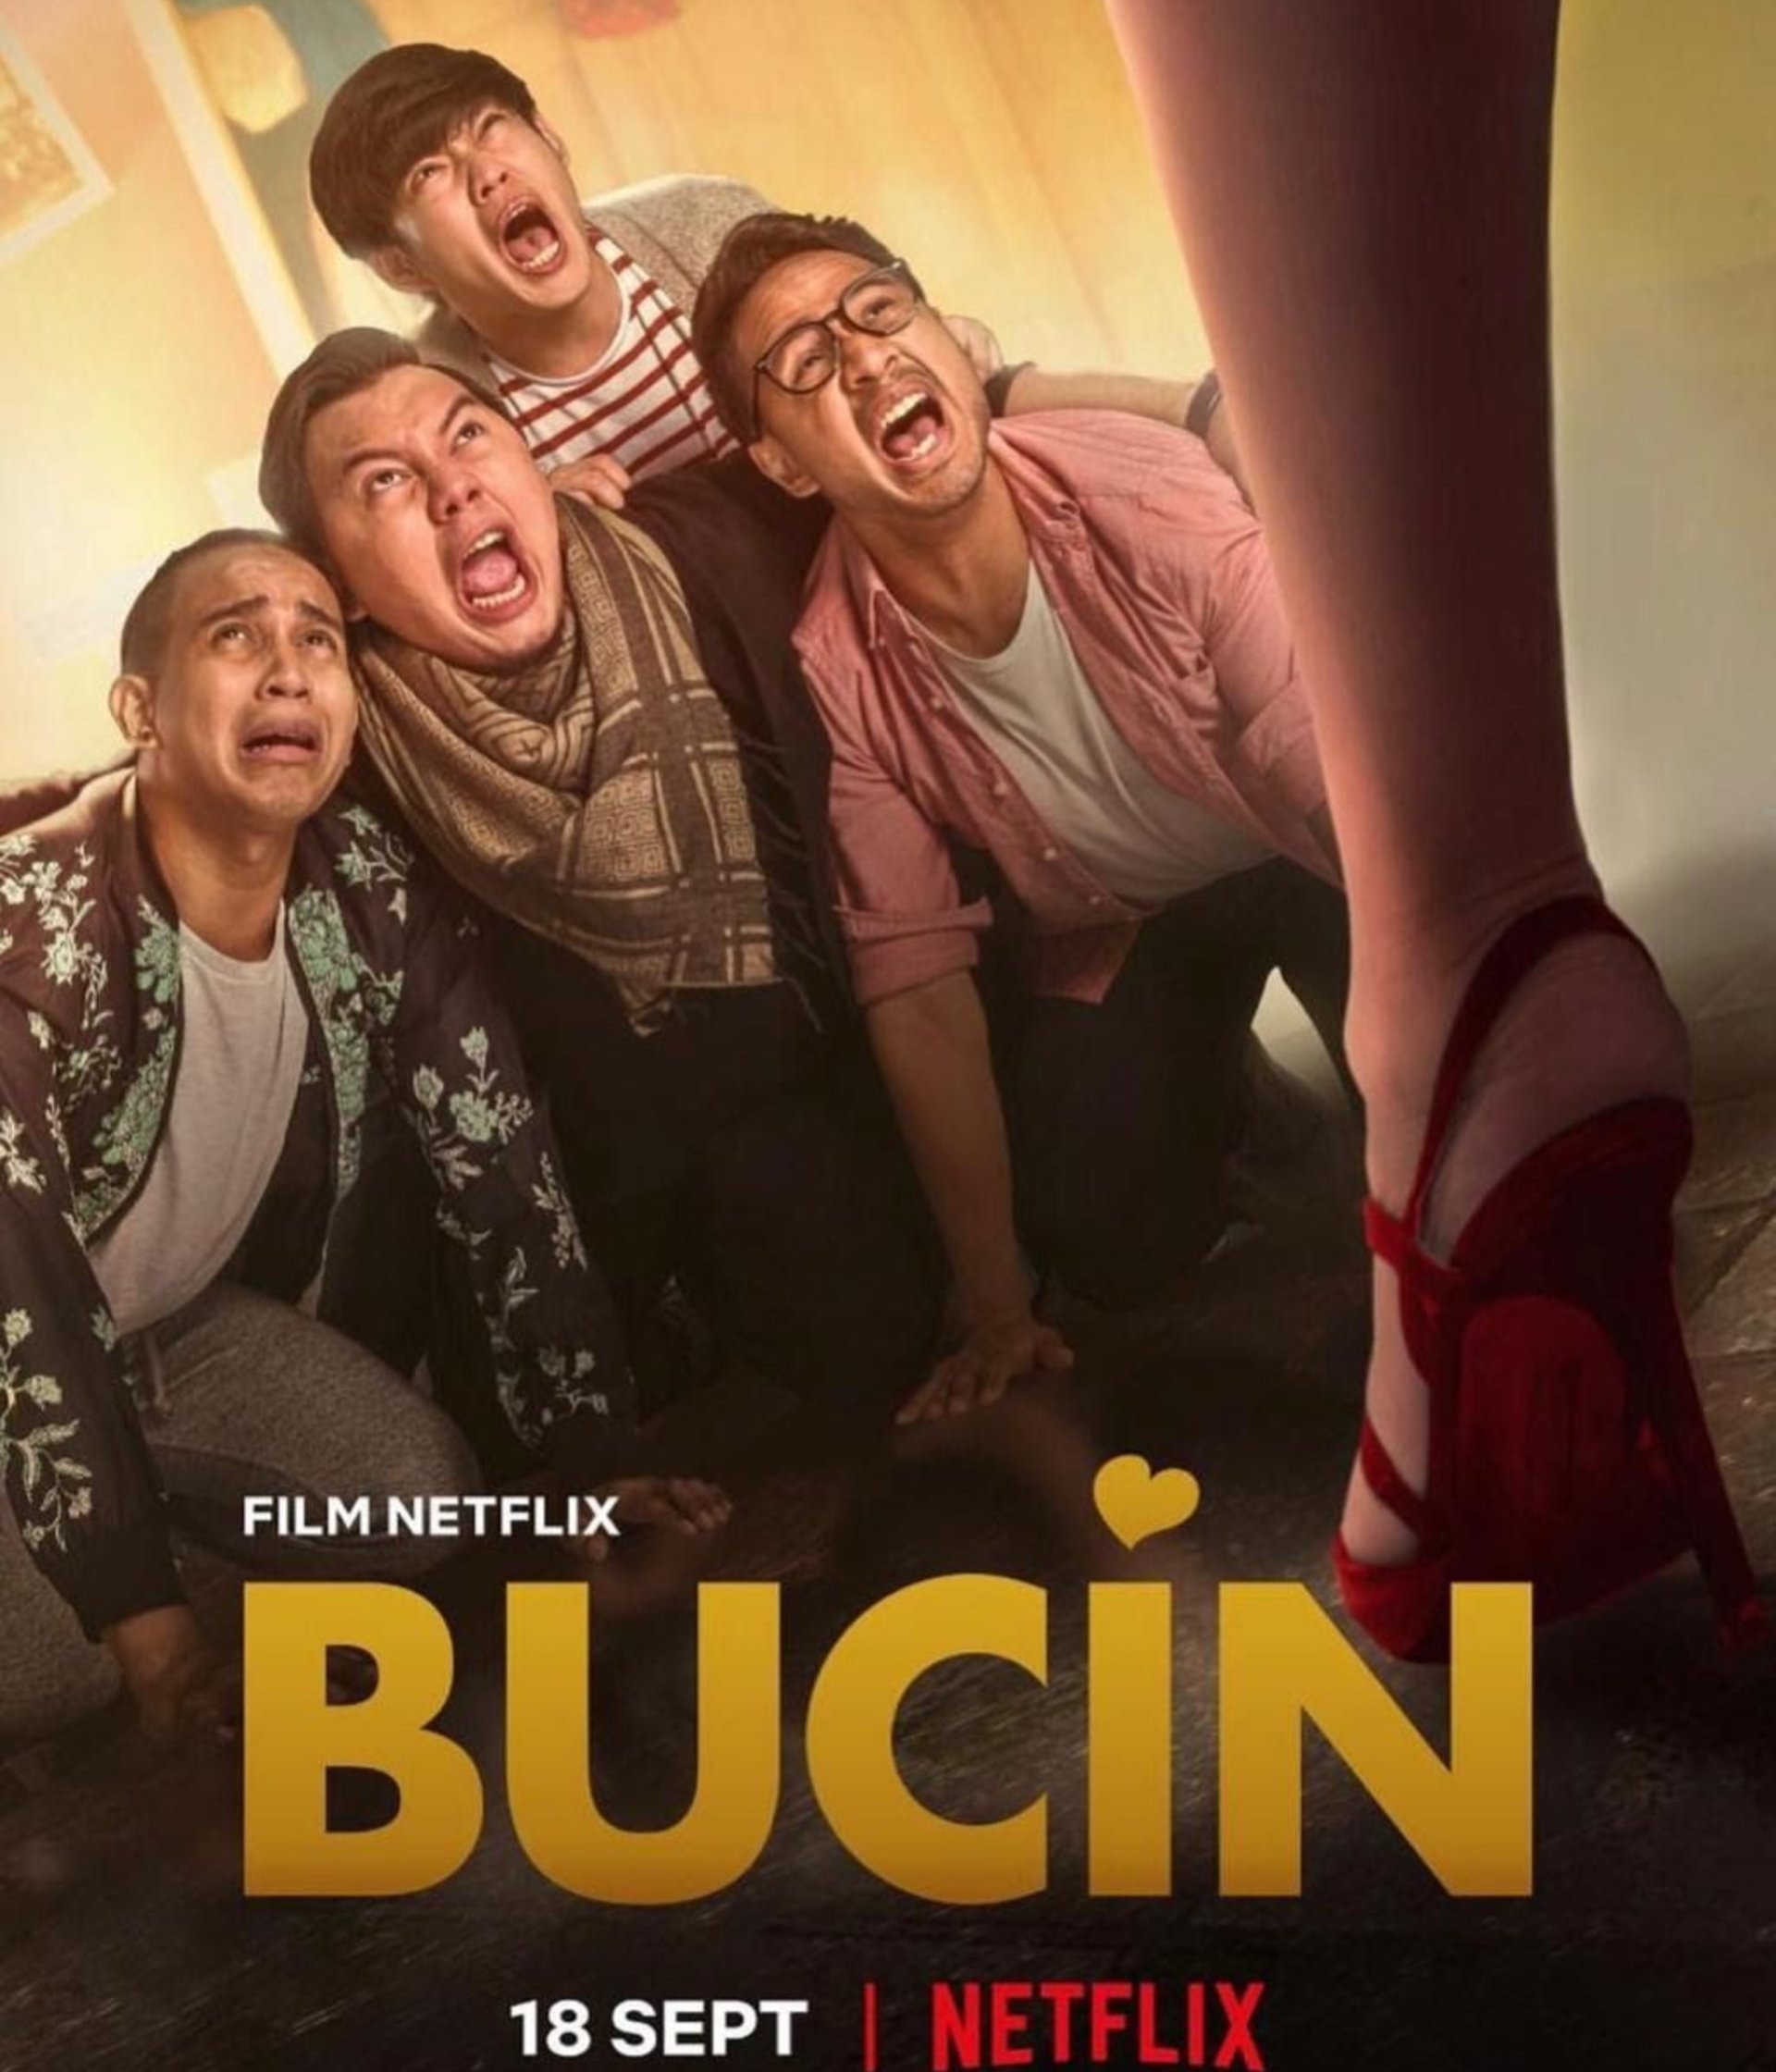 Nonton Film Bucin (2020) Subtitle Indonesia | cnnxxi